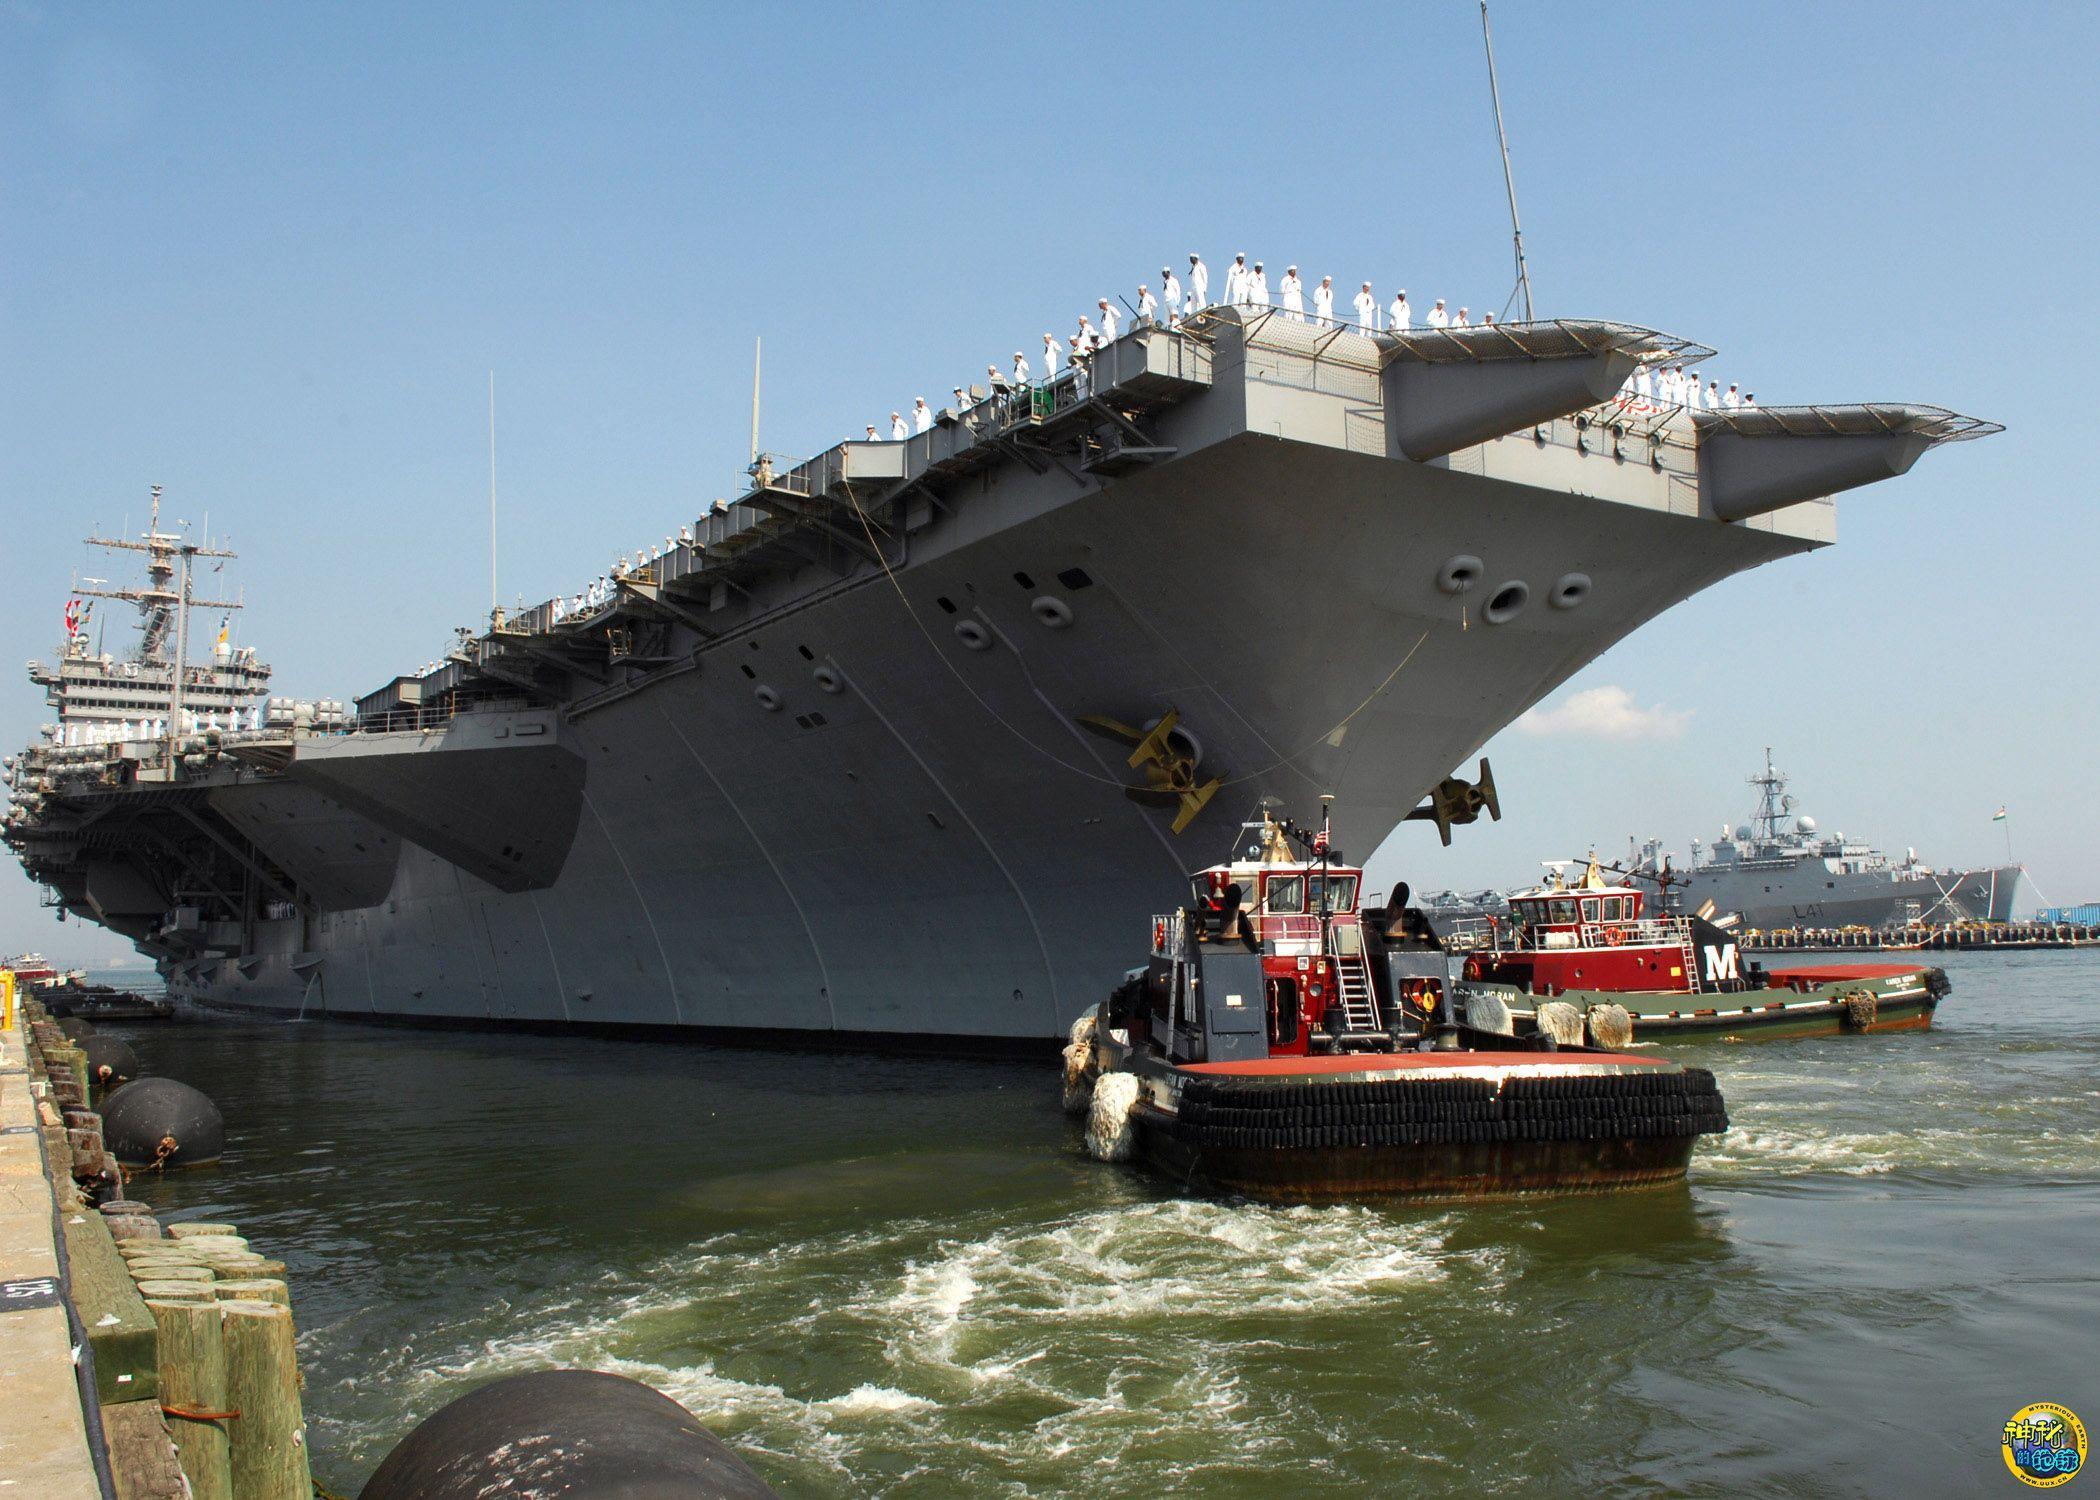 企业号航空母舰图片_航空母舰--企业号航空母舰-搜